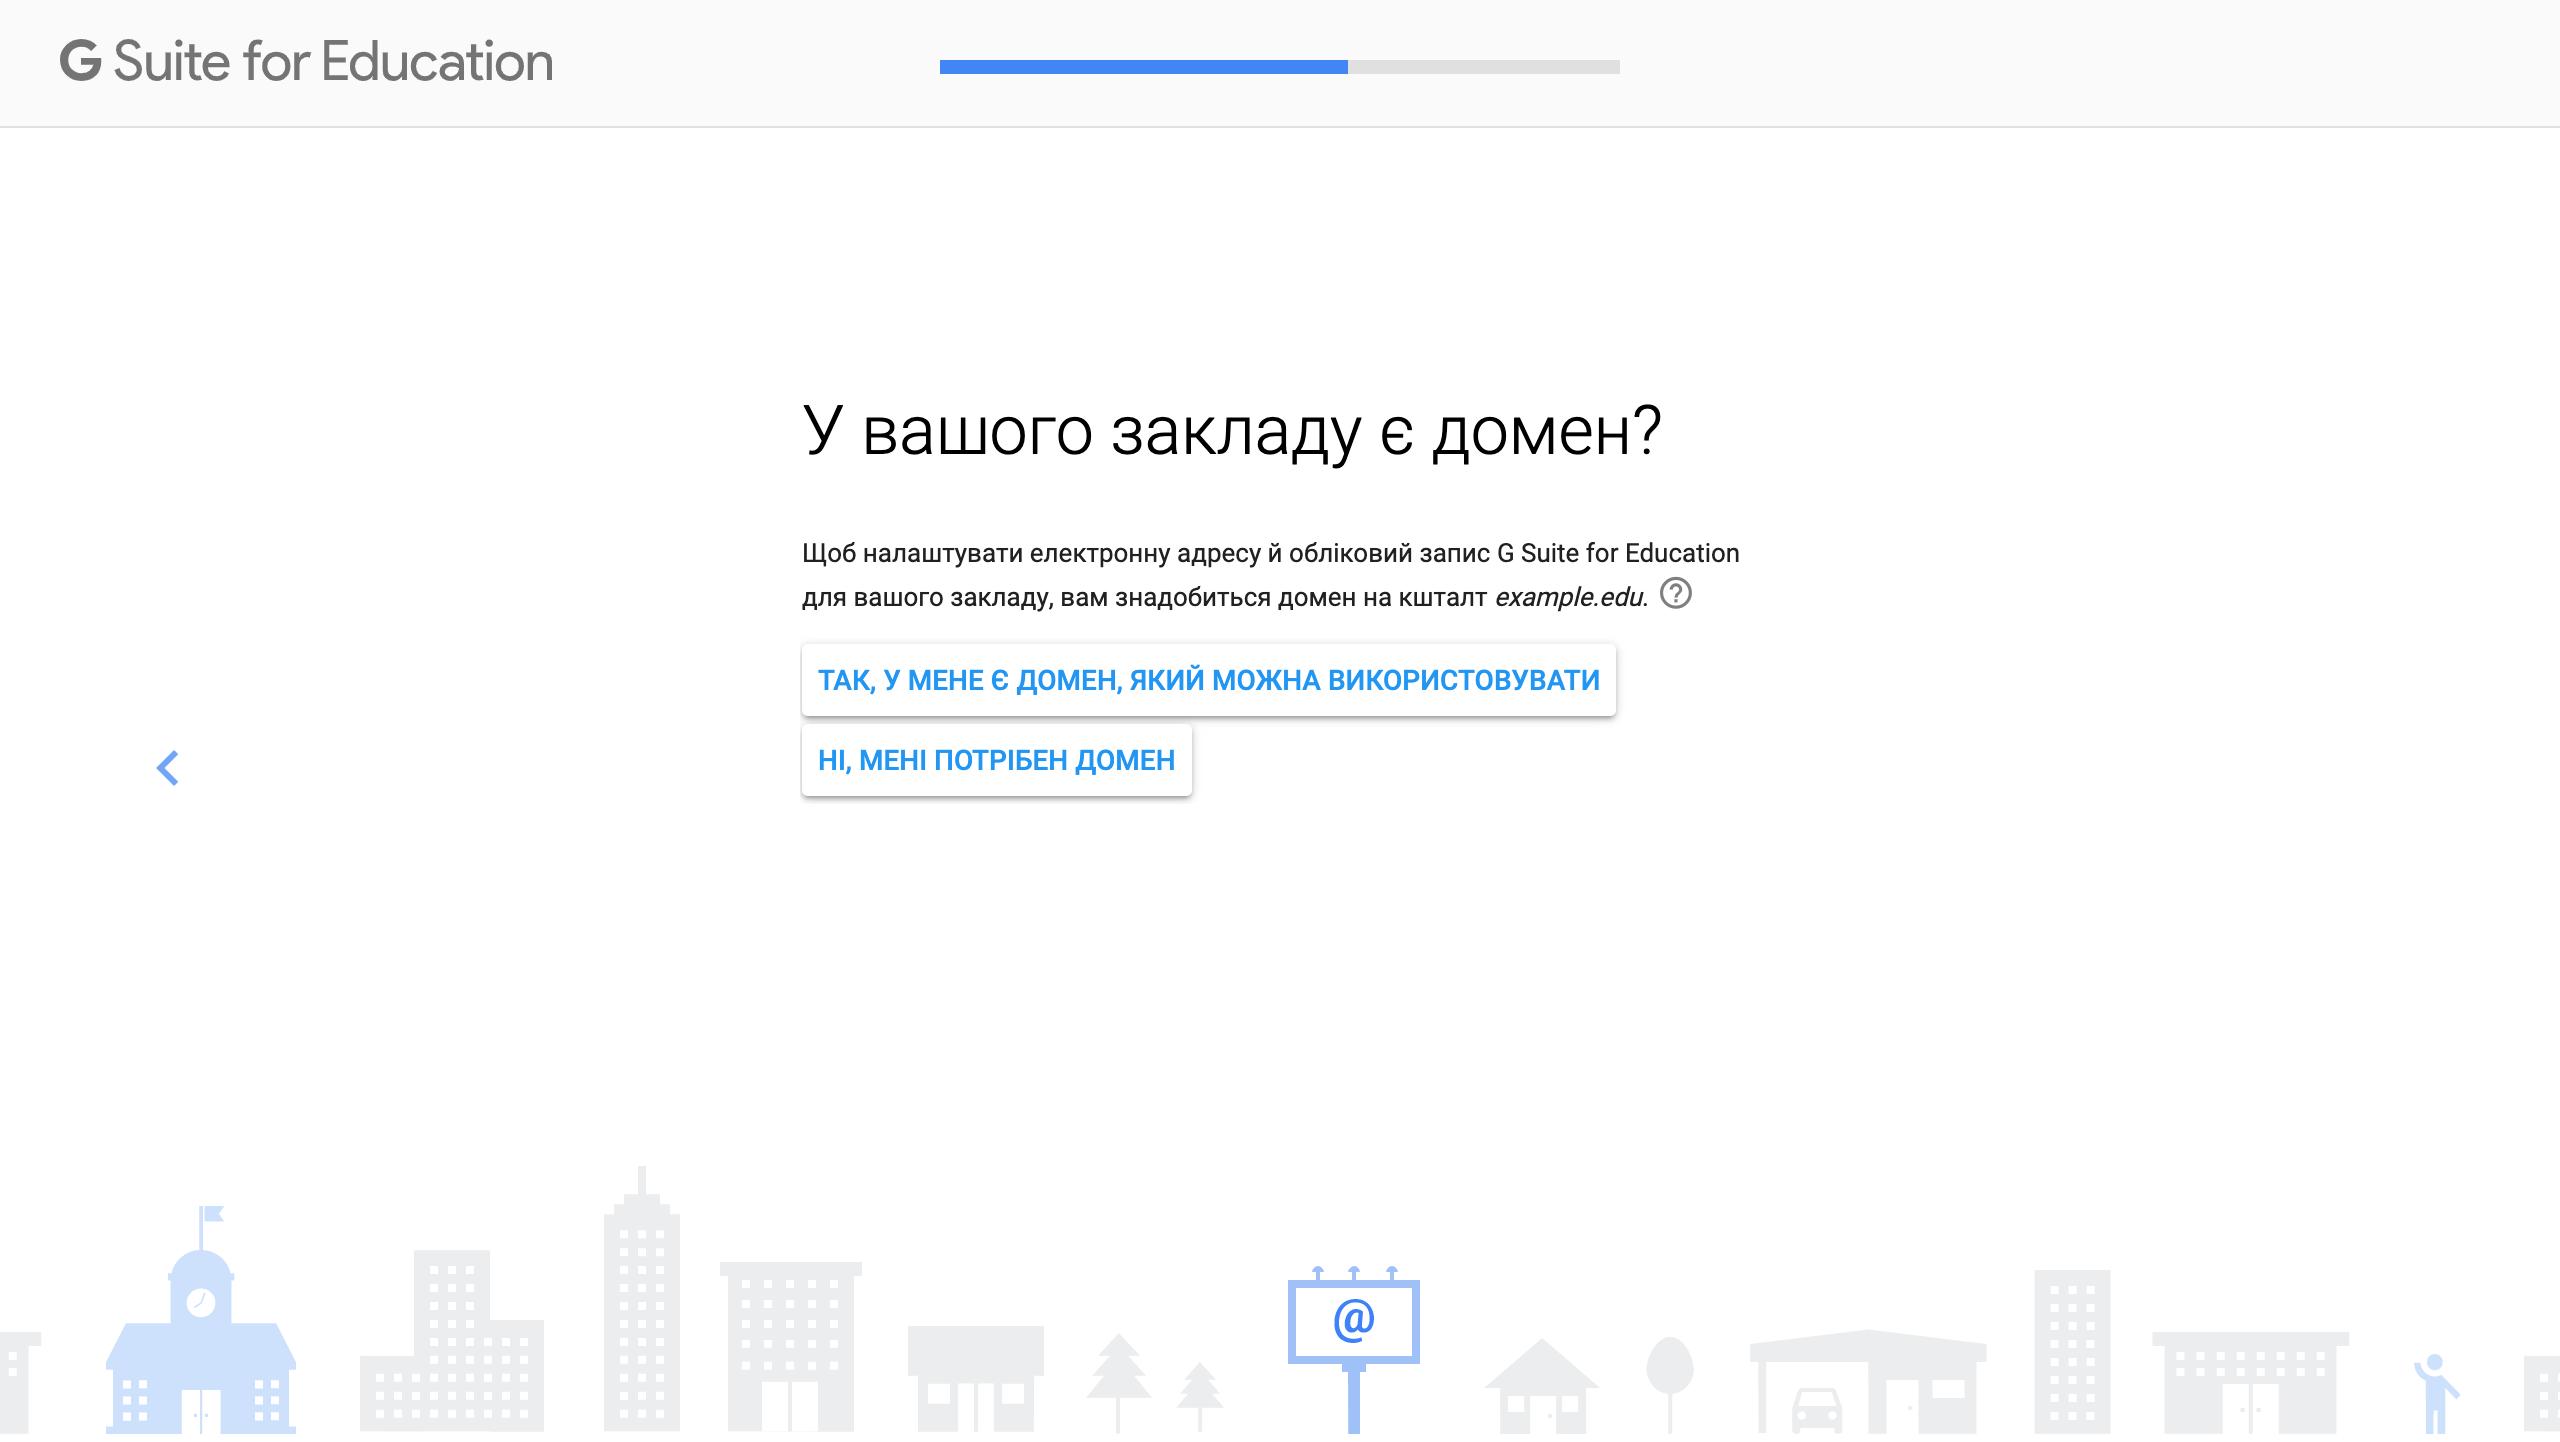 Крок 7: «У вашого закладу є домен?»